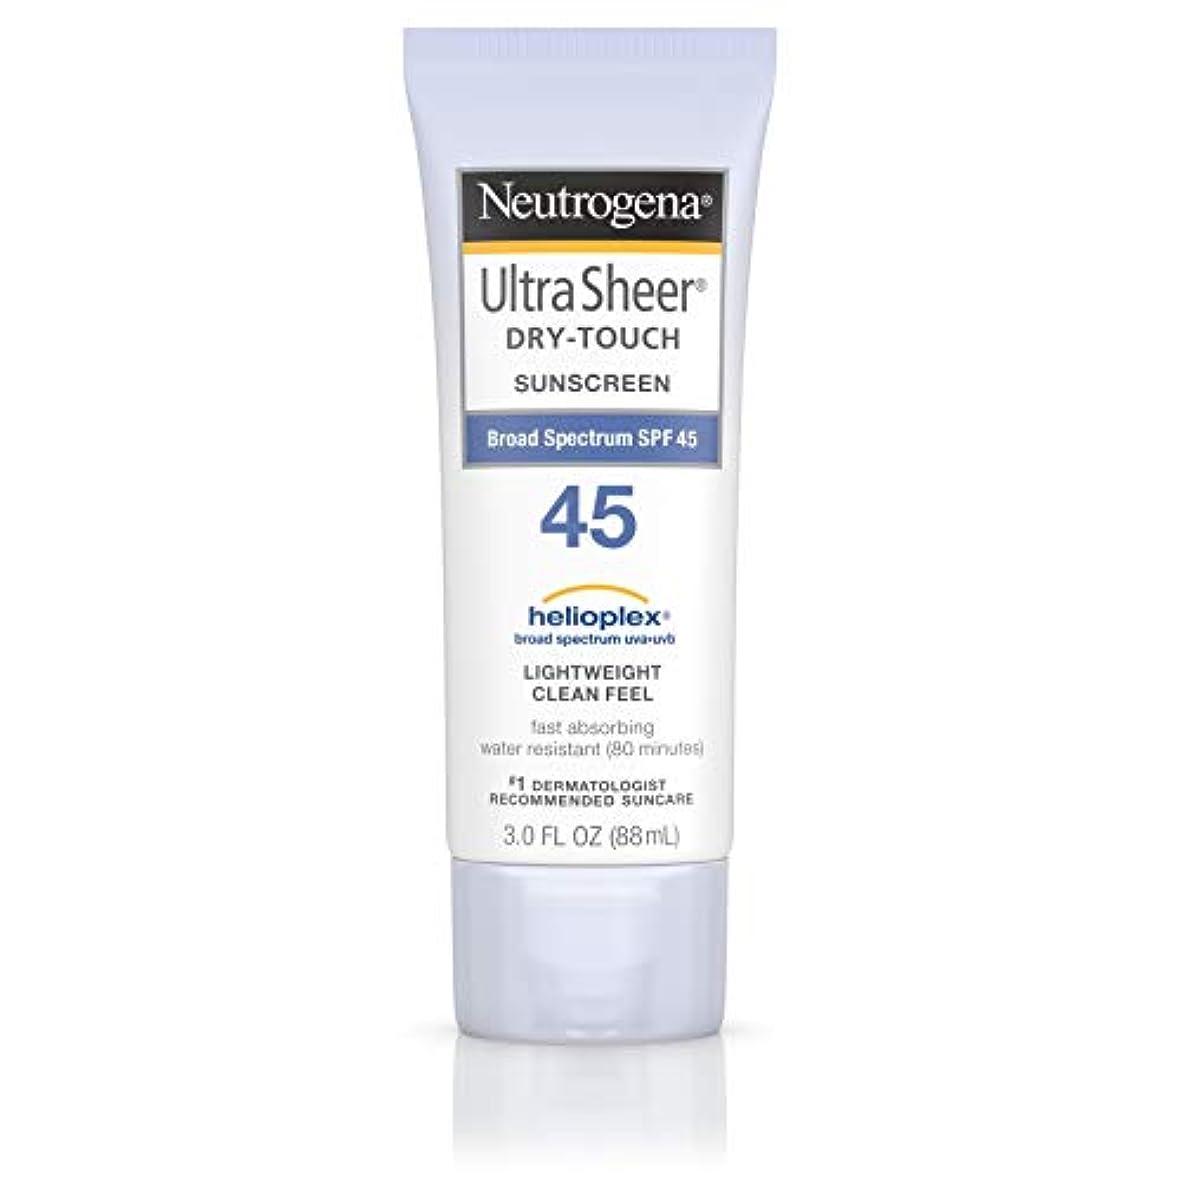 鏡証拠パック海外直送品 Neutrogena Neutrogena Ultra Sheer Dry-Touch Sunblock Spf 45【並行輸入品】